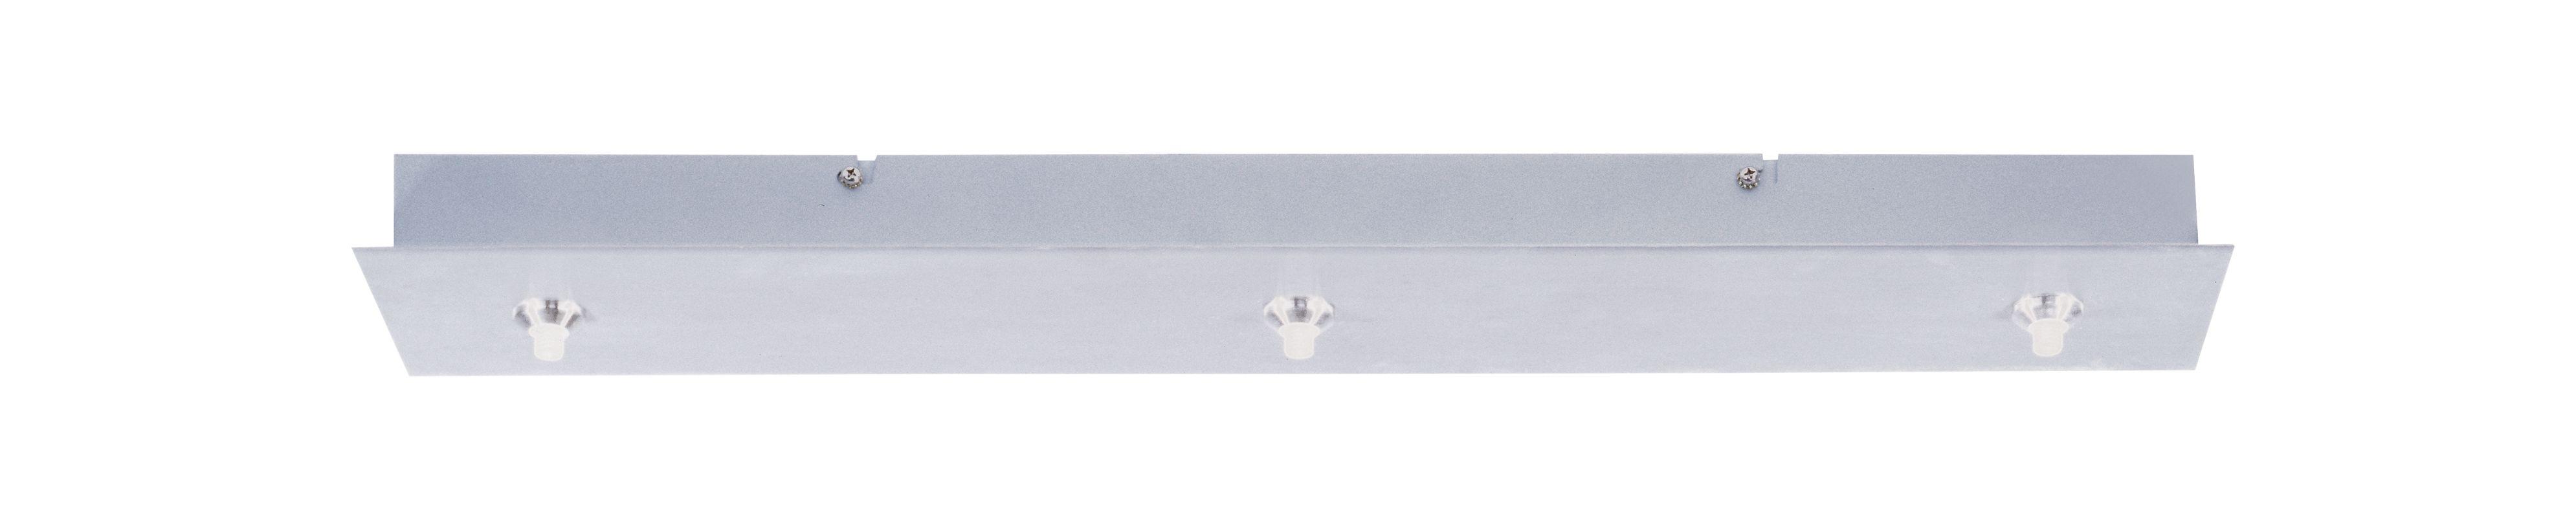 ET2 EC85013 LED RapidJack 3 Light Canopy Satin Nickel Accessory Sale $200.00 ITEM: bci2558316 ID#:EC85013-SN UPC: 845094067993 :